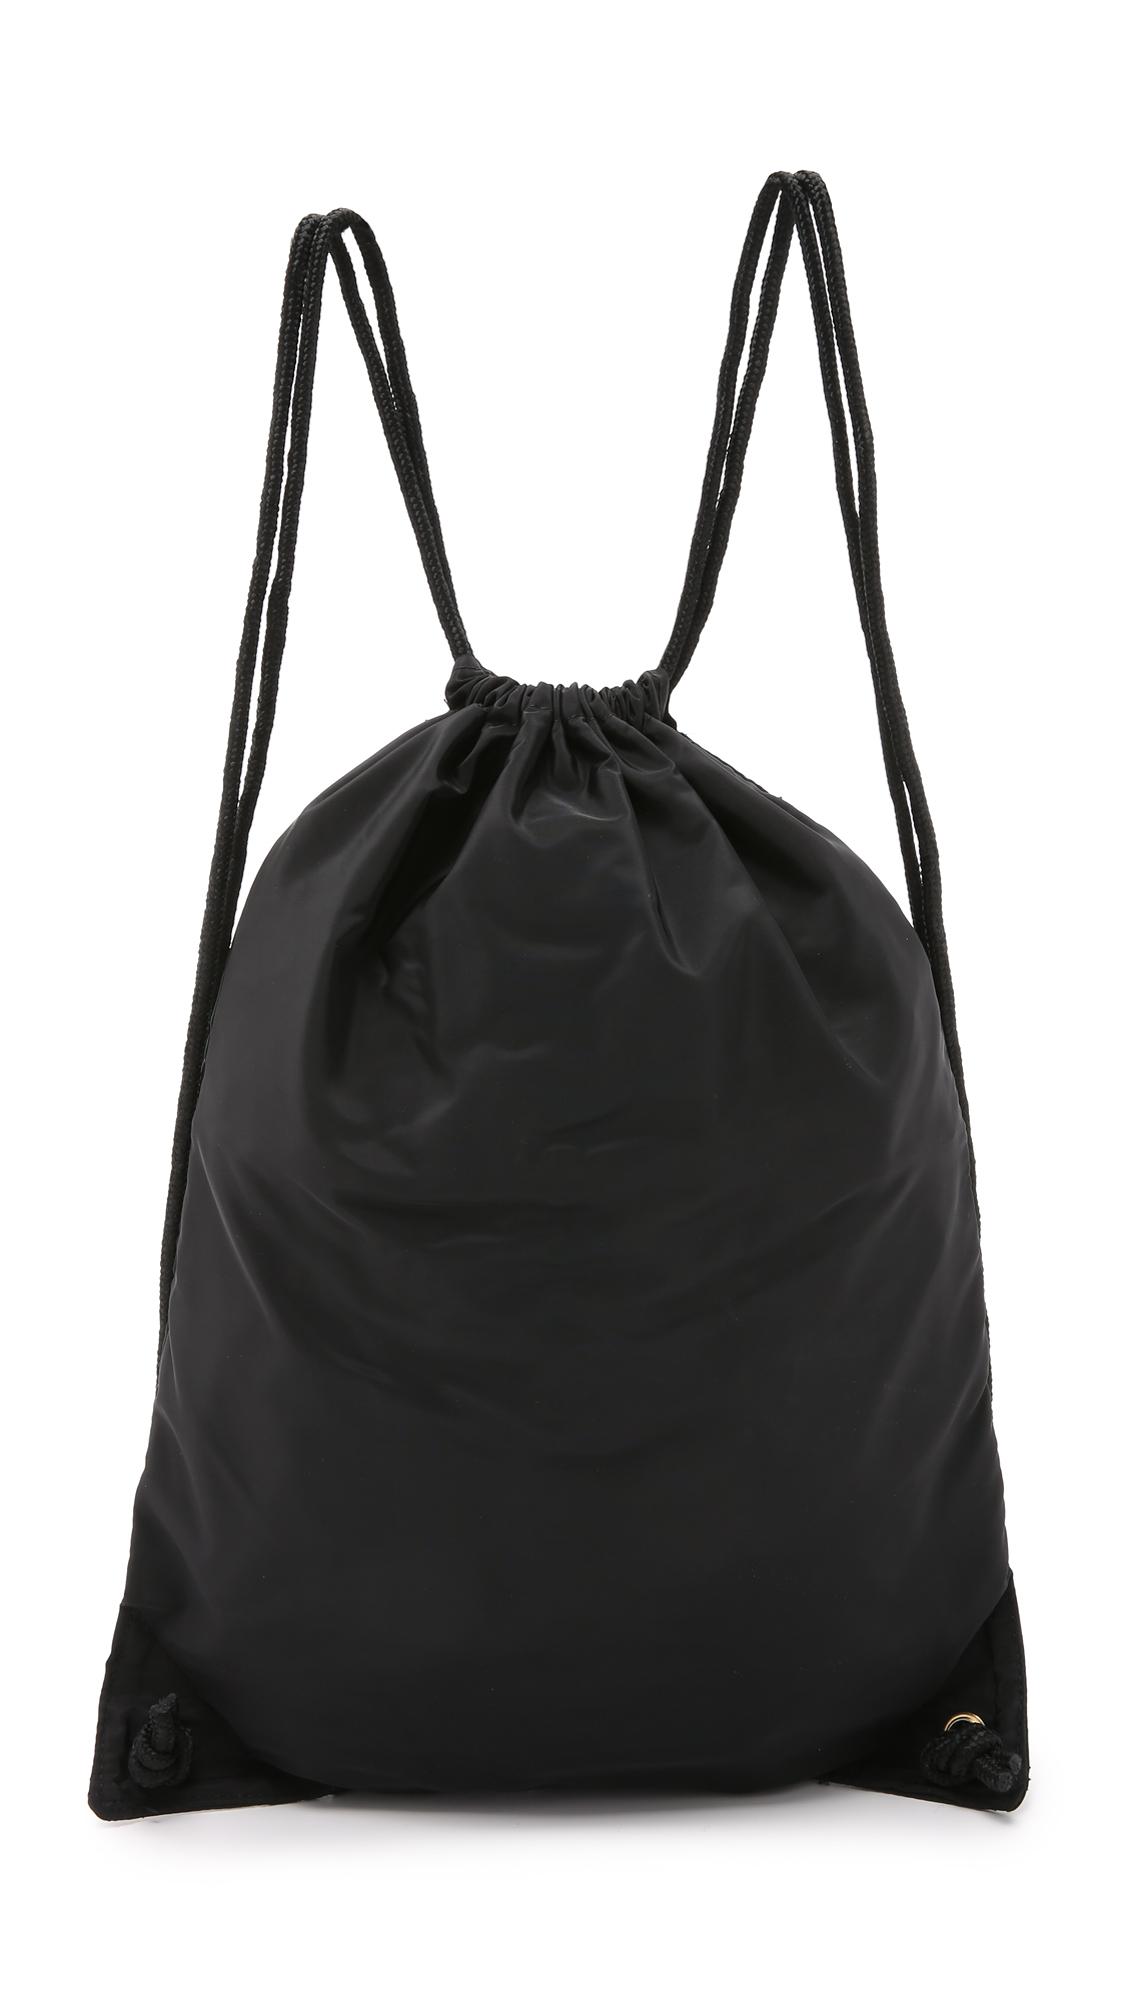 ead2c1544b47 Moschino Gym Bag - Black